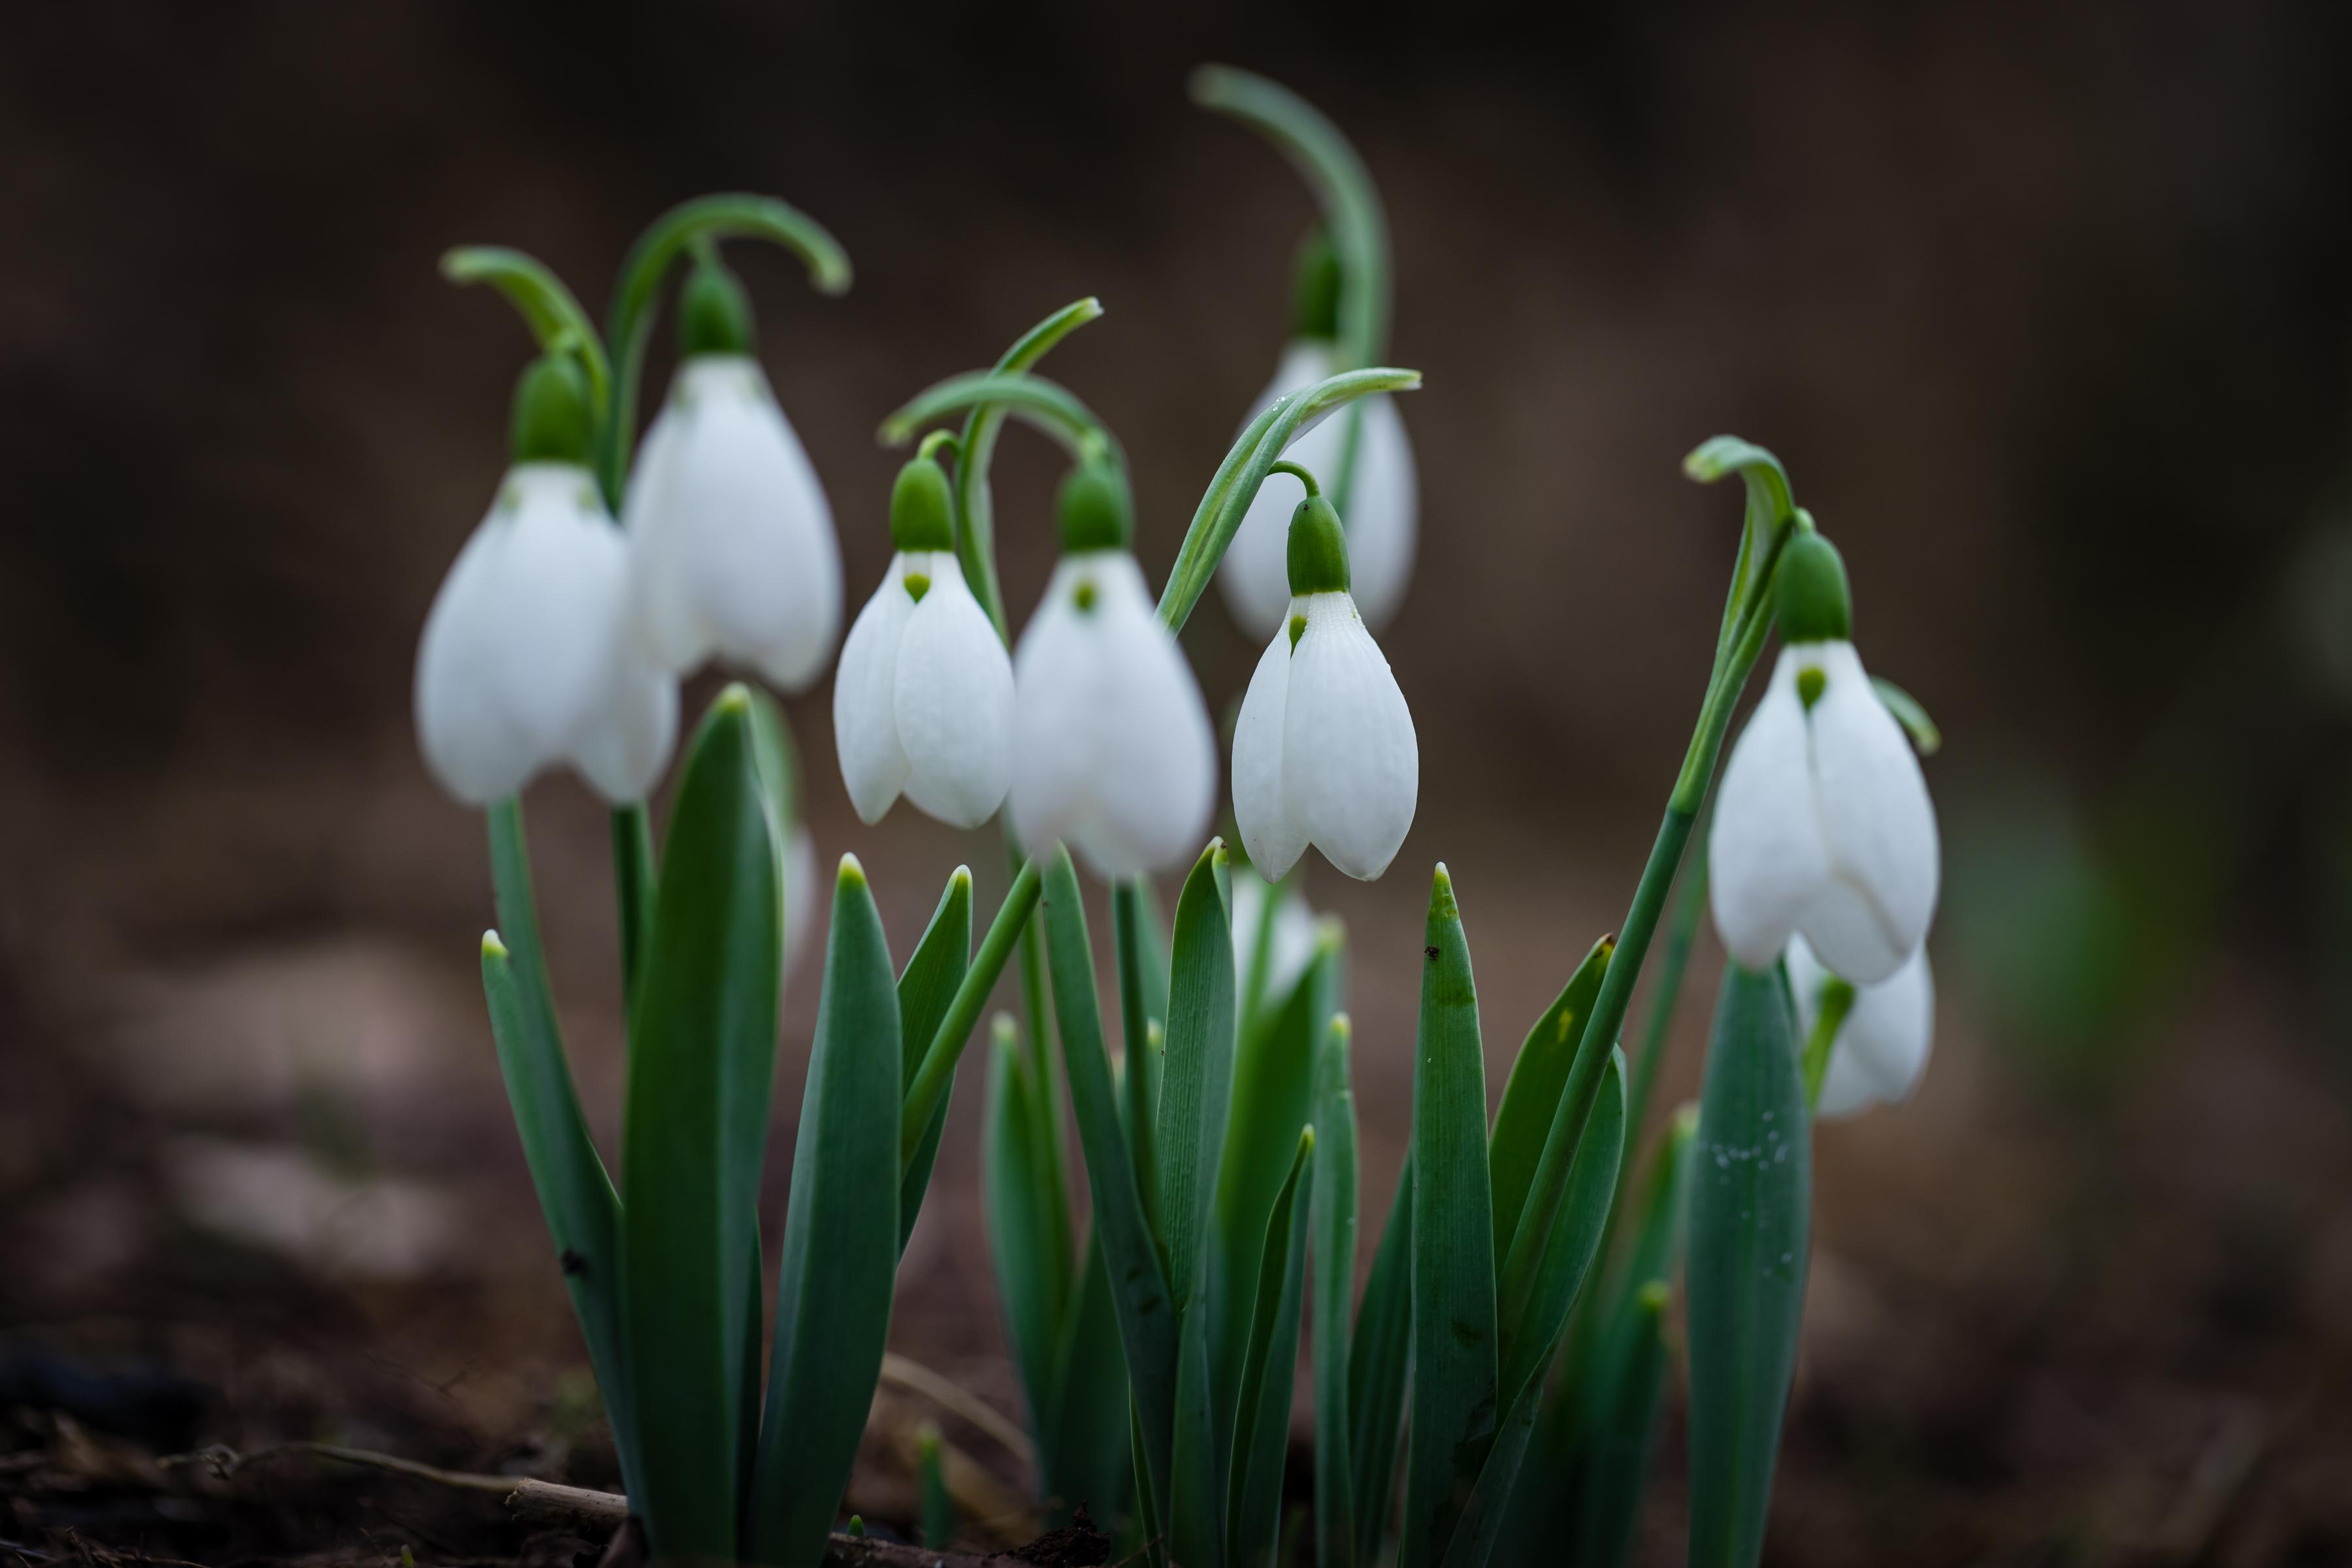 фото весны для сони этой рубрике можете